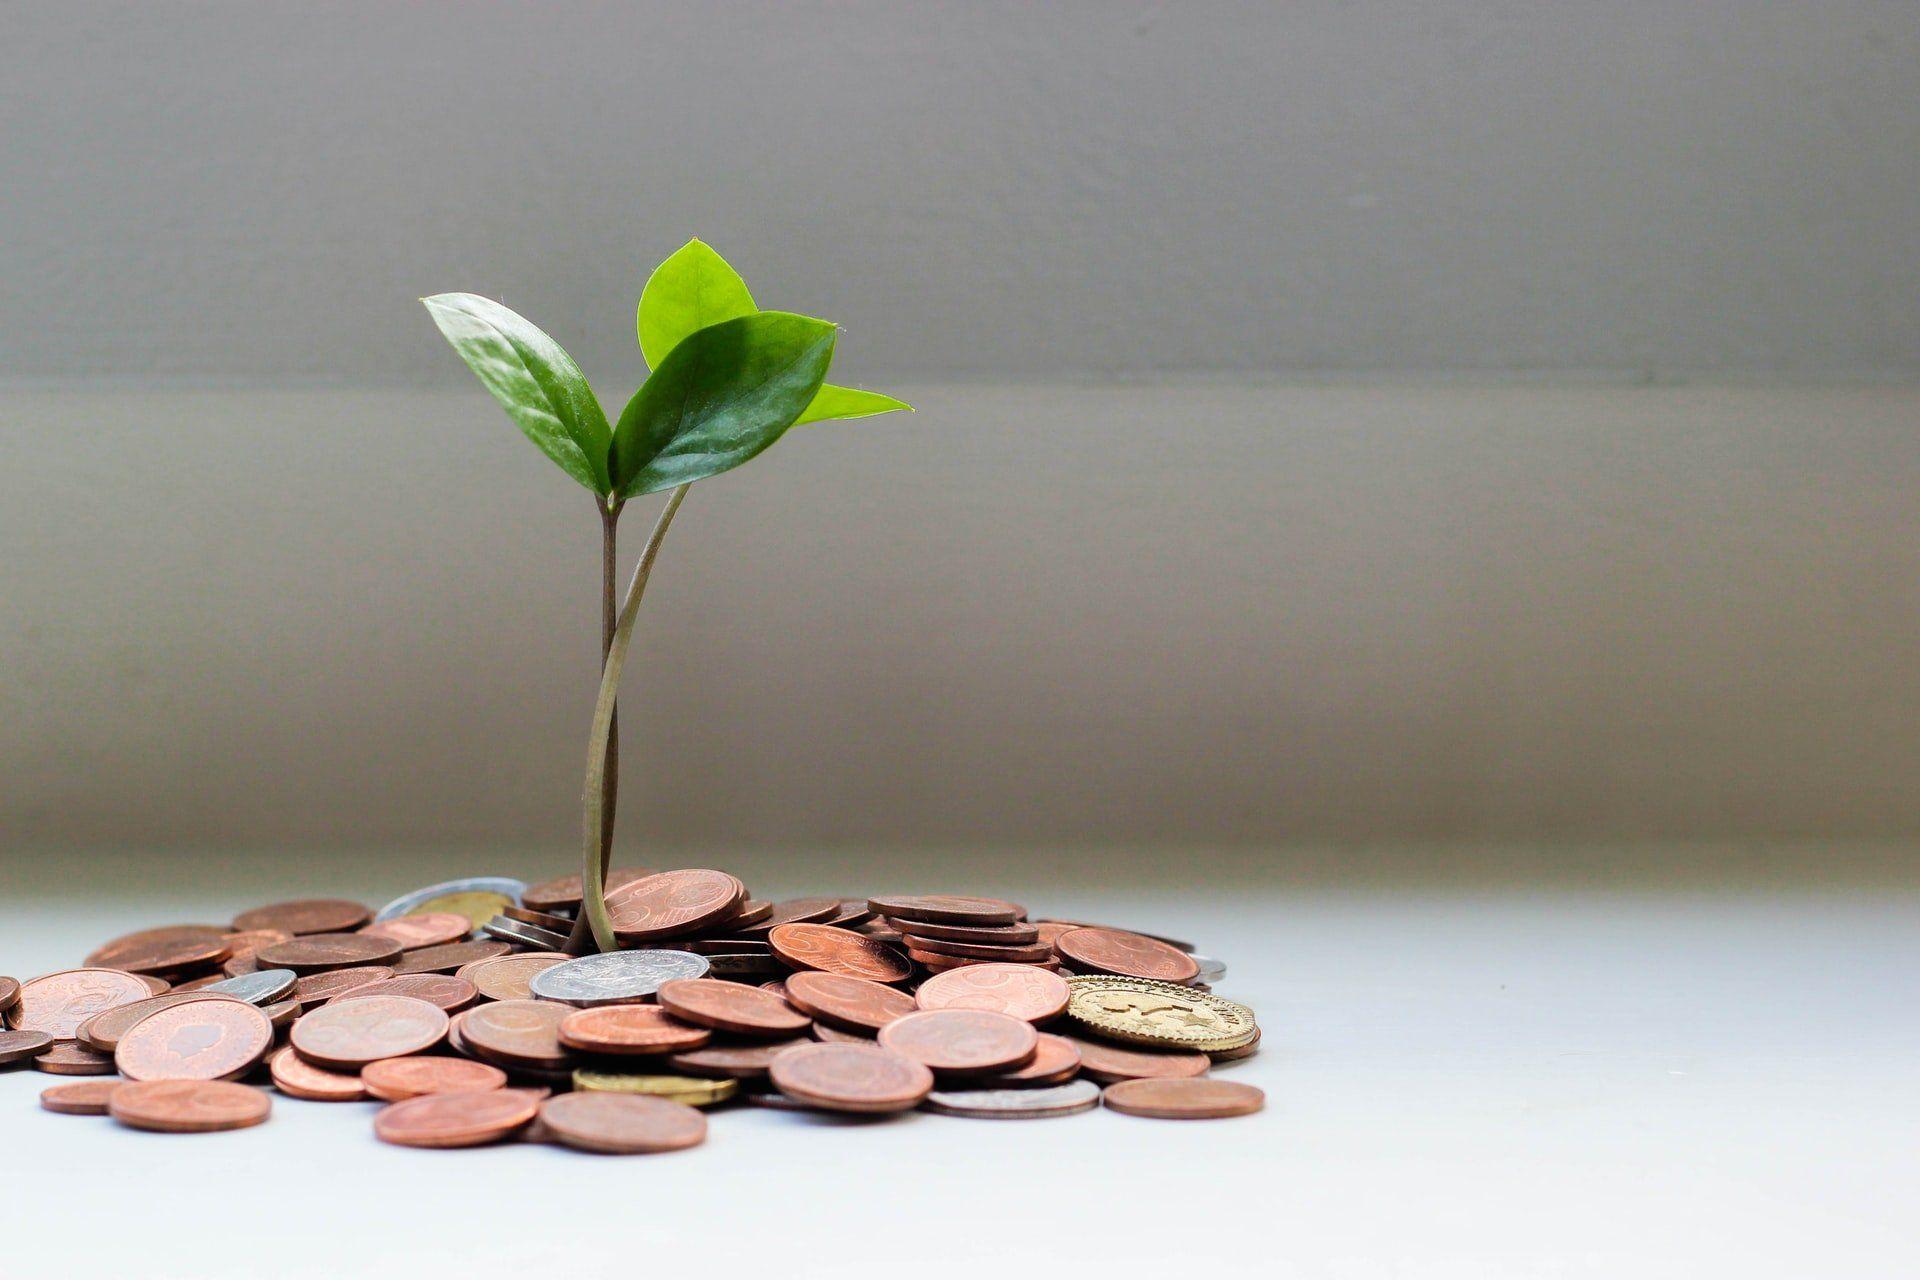 malutki kwiat który wyrasta z pieniędzy